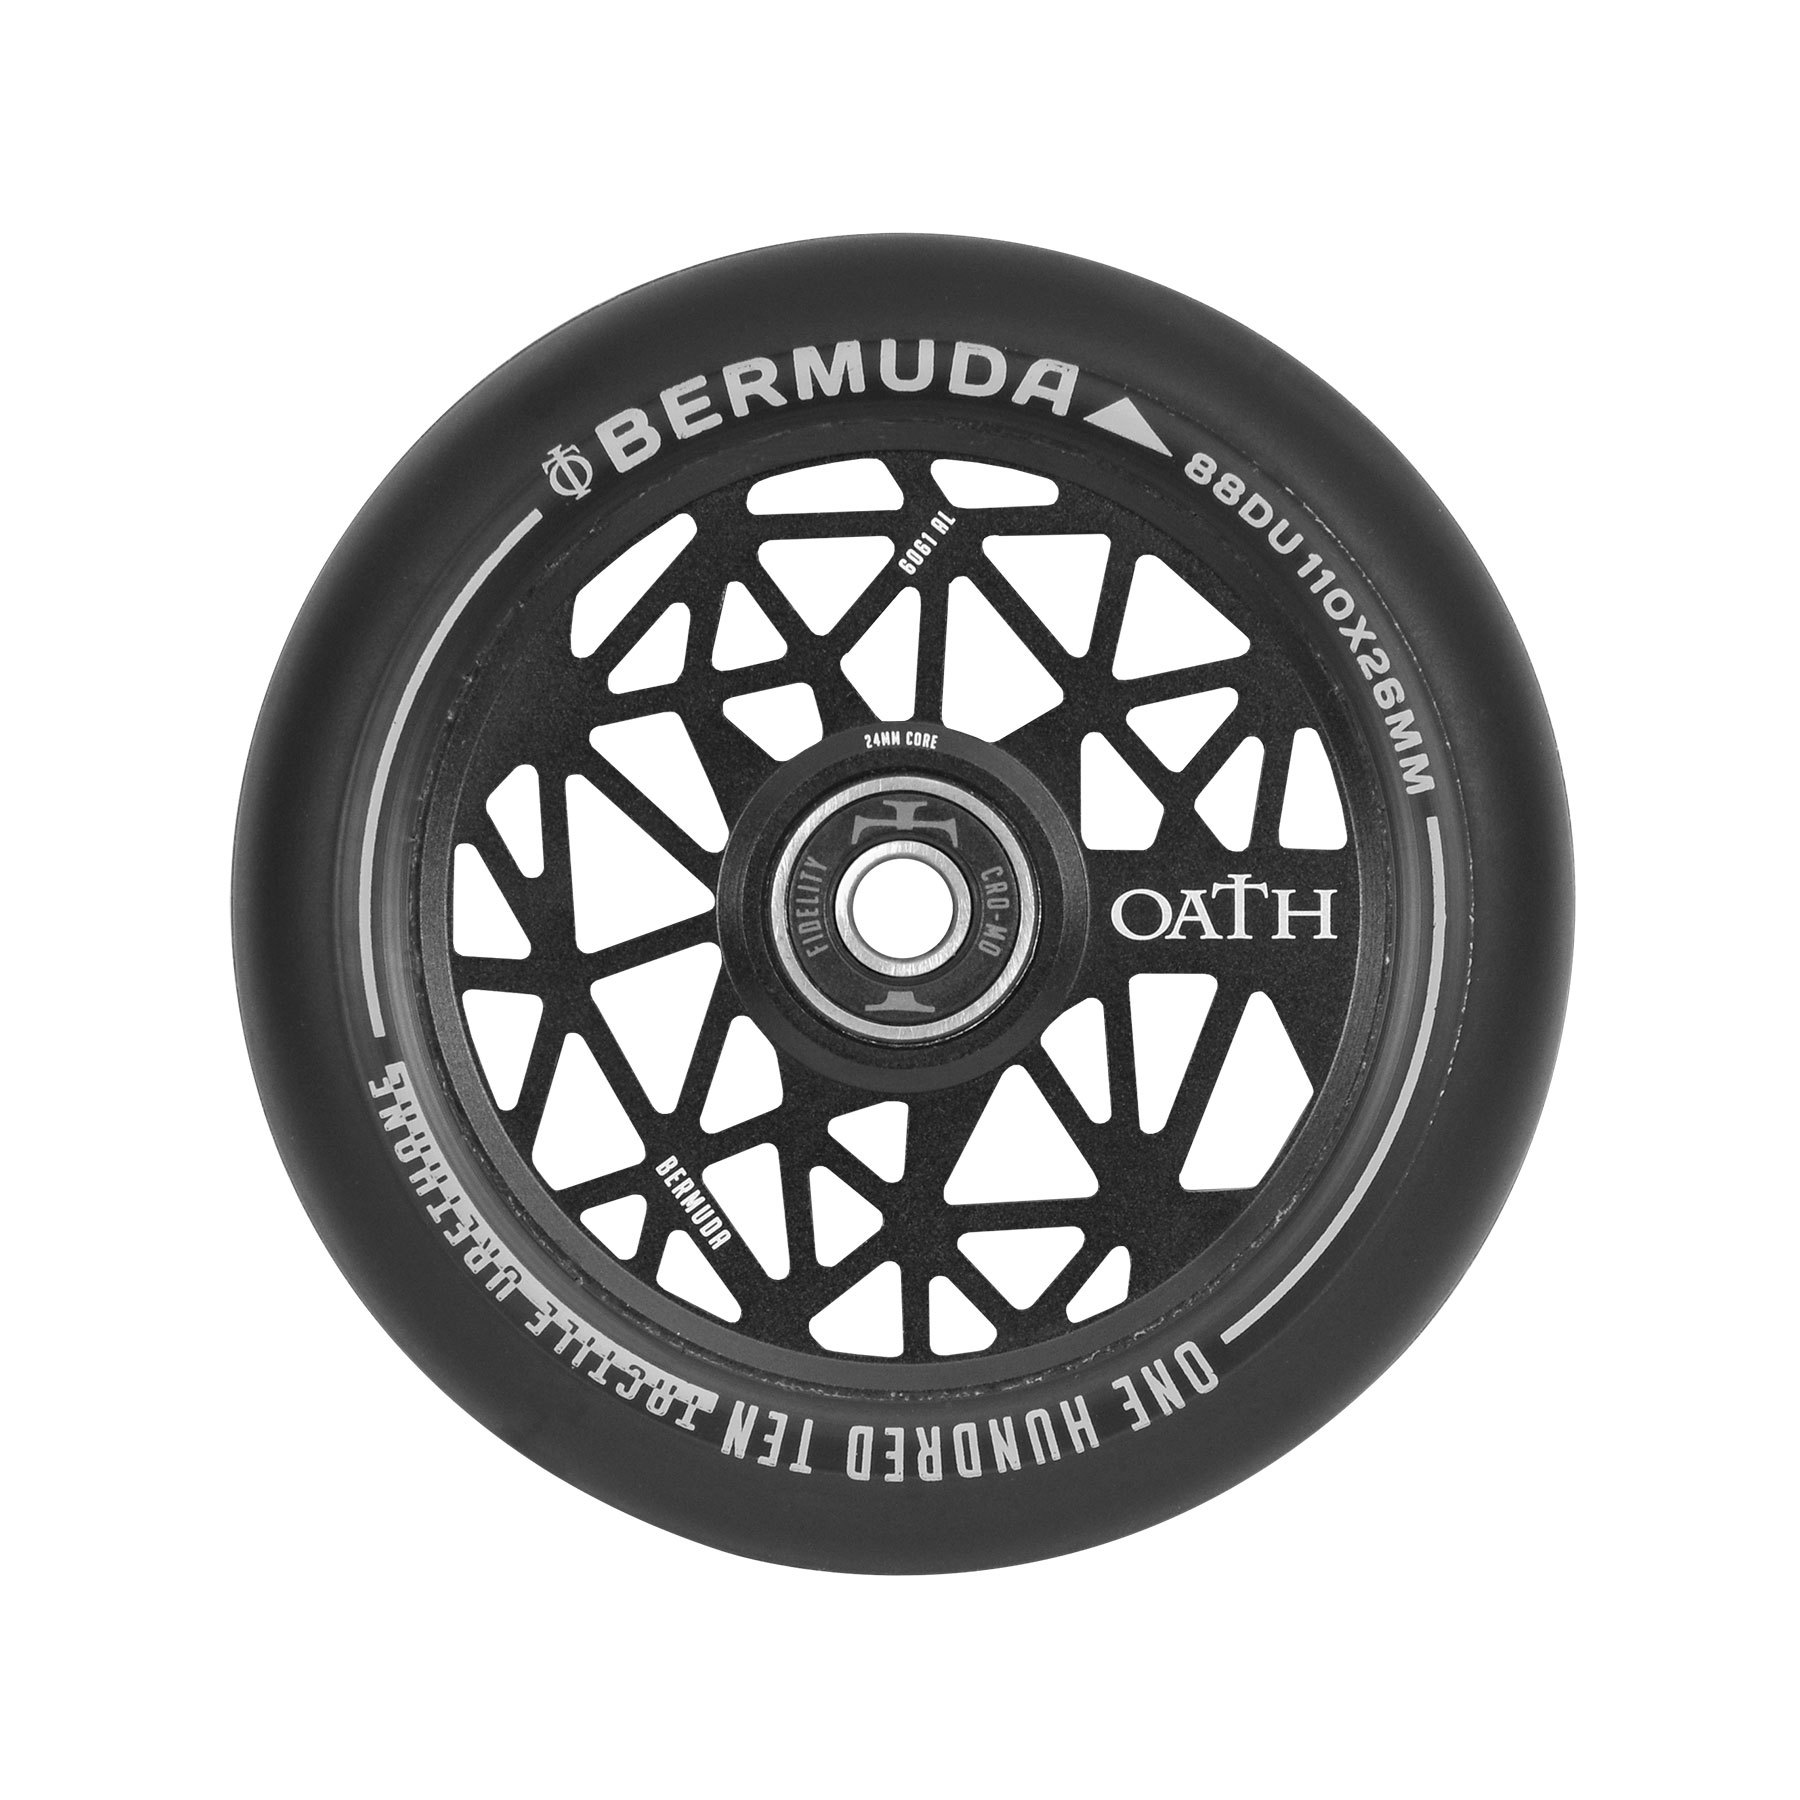 Пара колёс для самоката OATH Bermuda (Ano Satin Black)